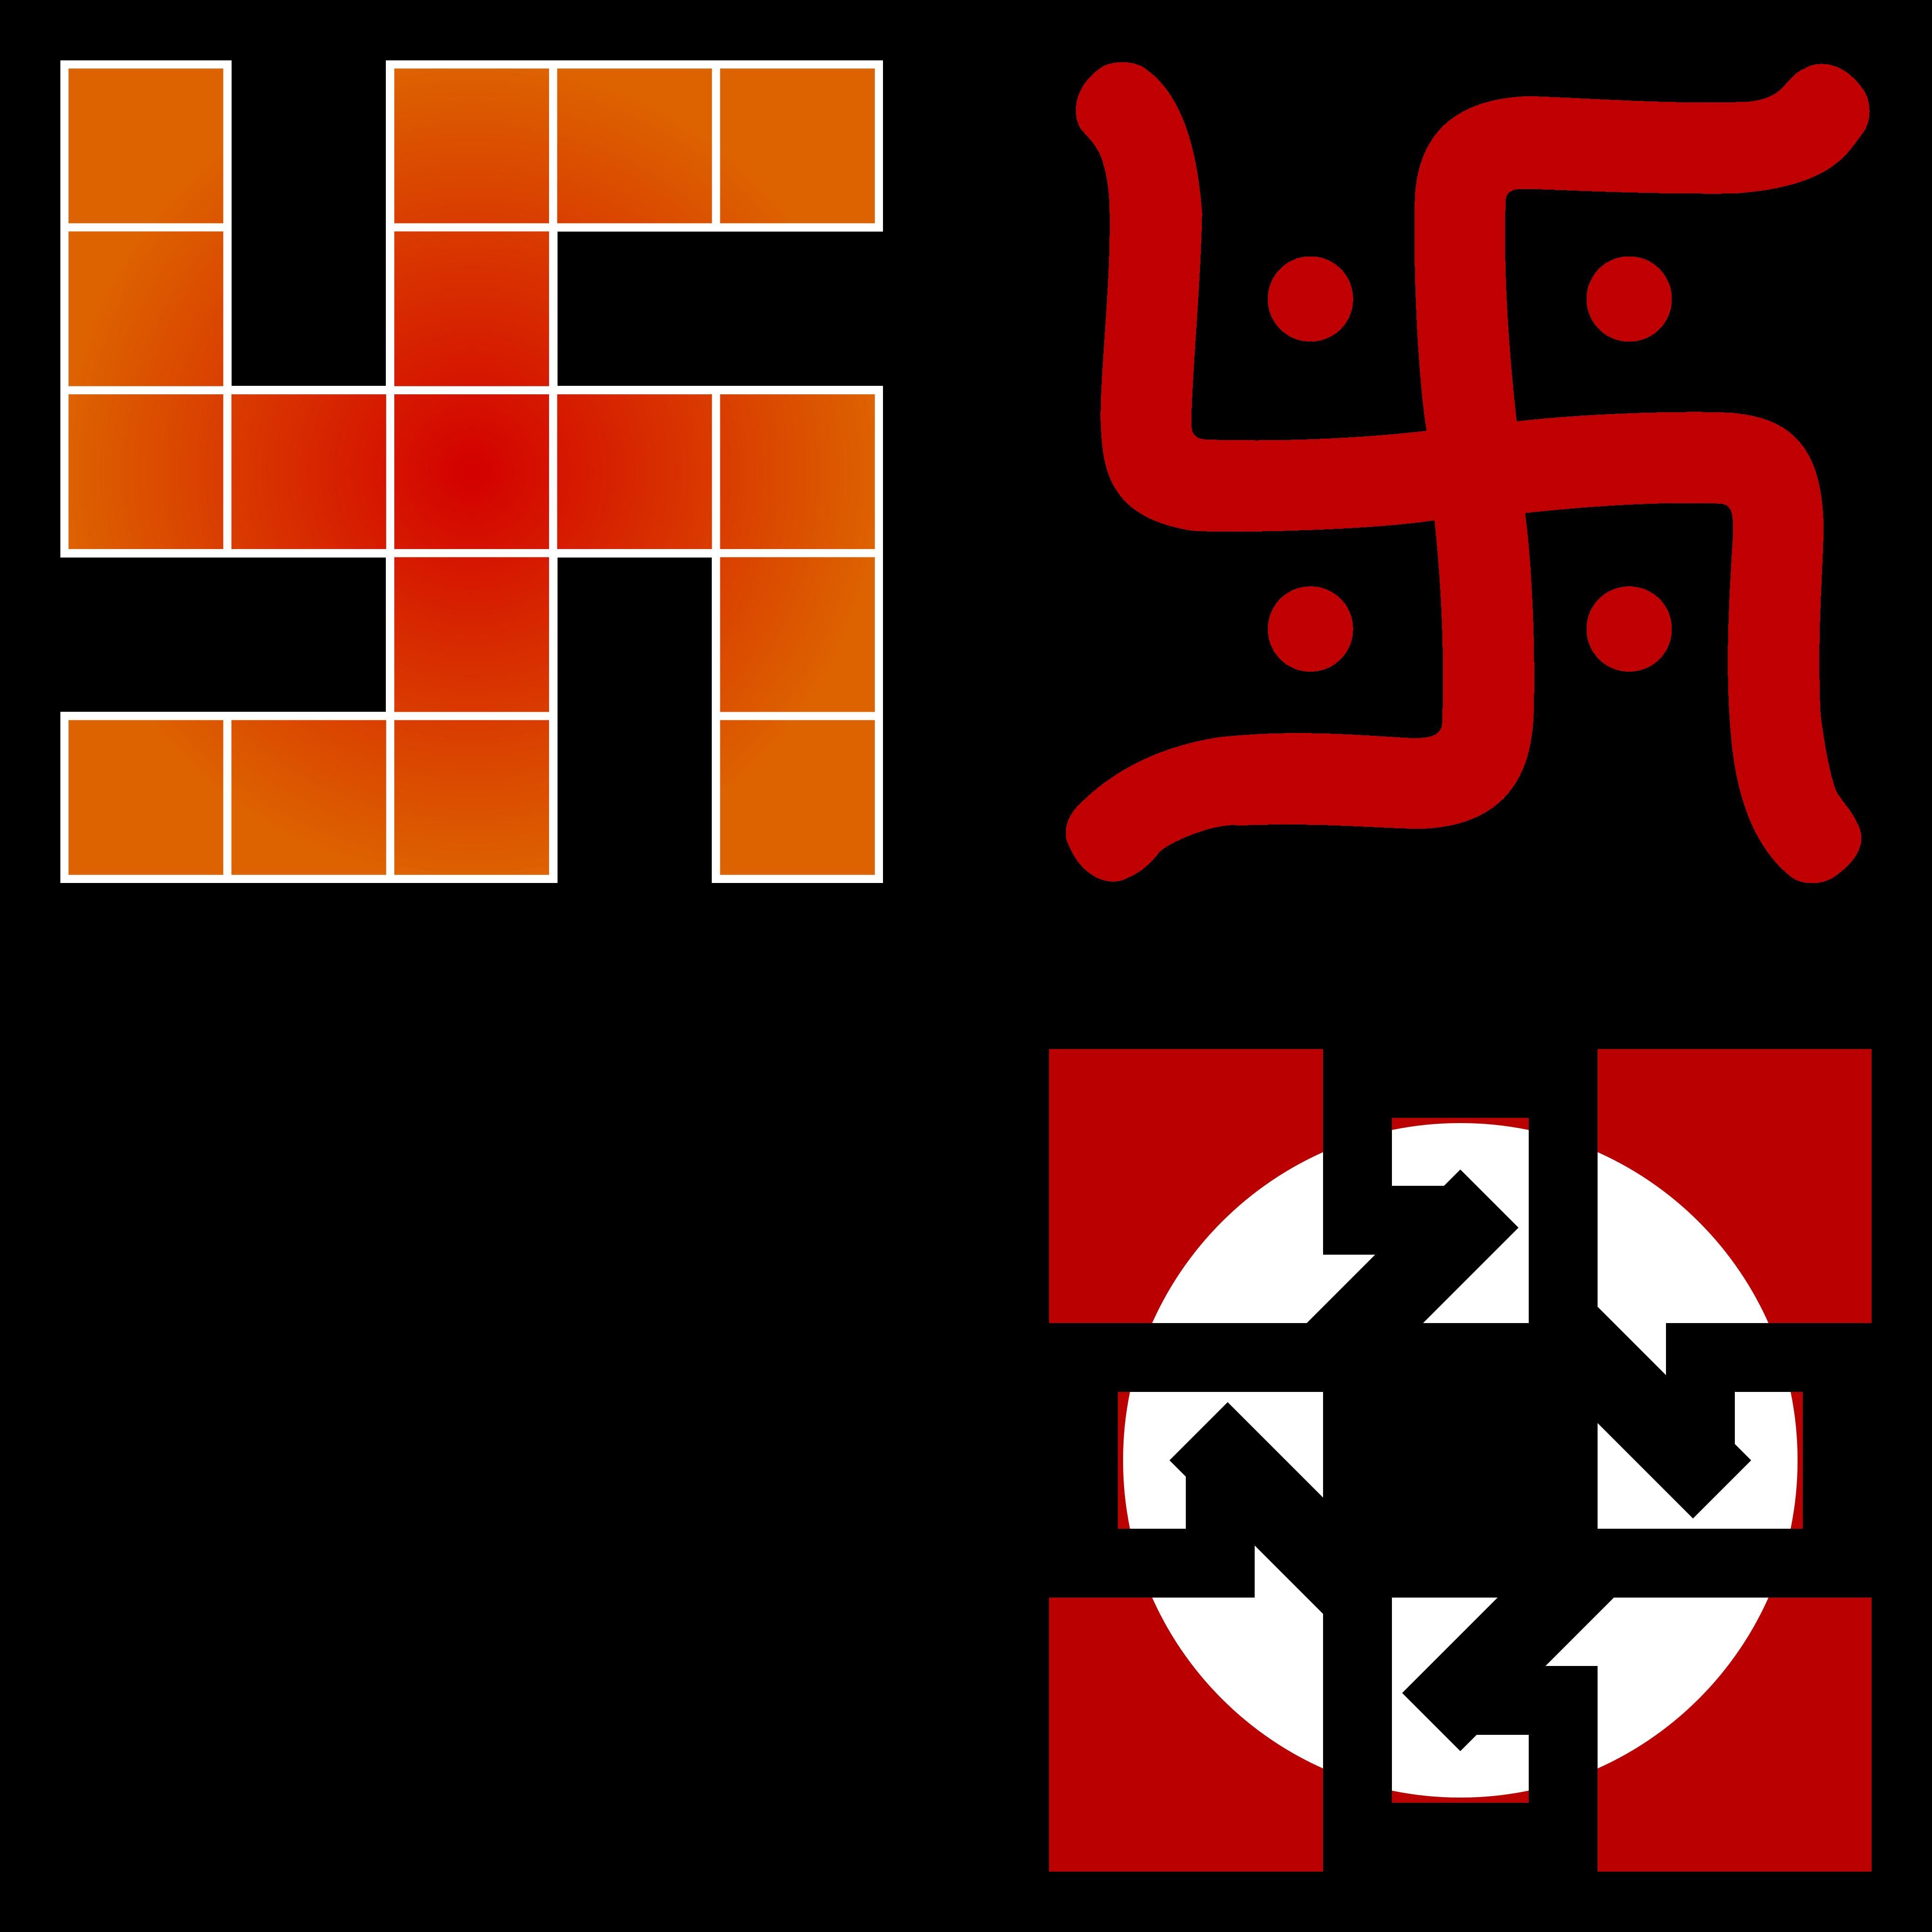 Swastika   Wikipedia 4096x4096